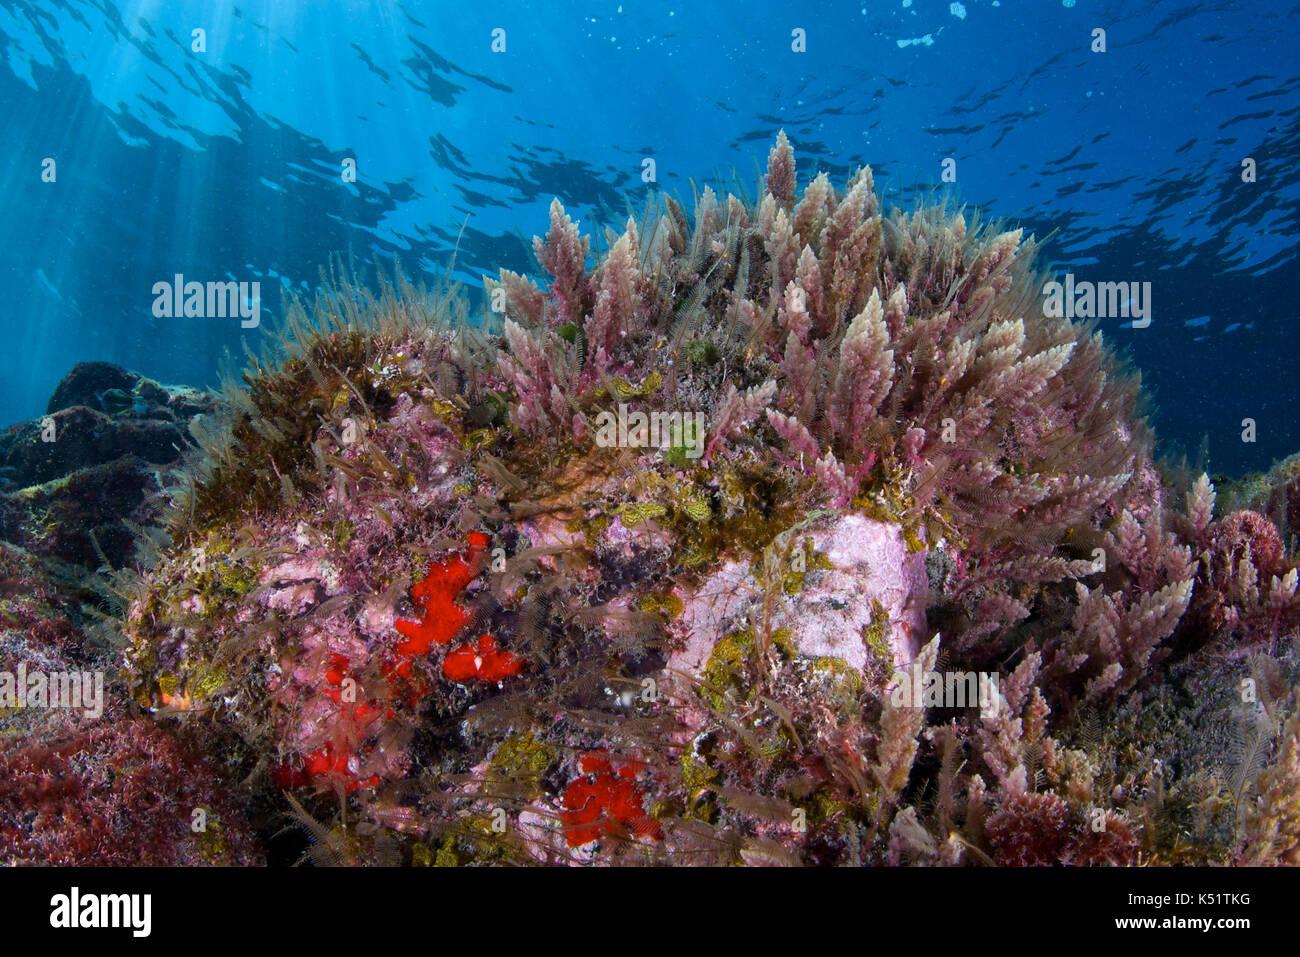 underwater-scenery-with-red-algae-limu-k